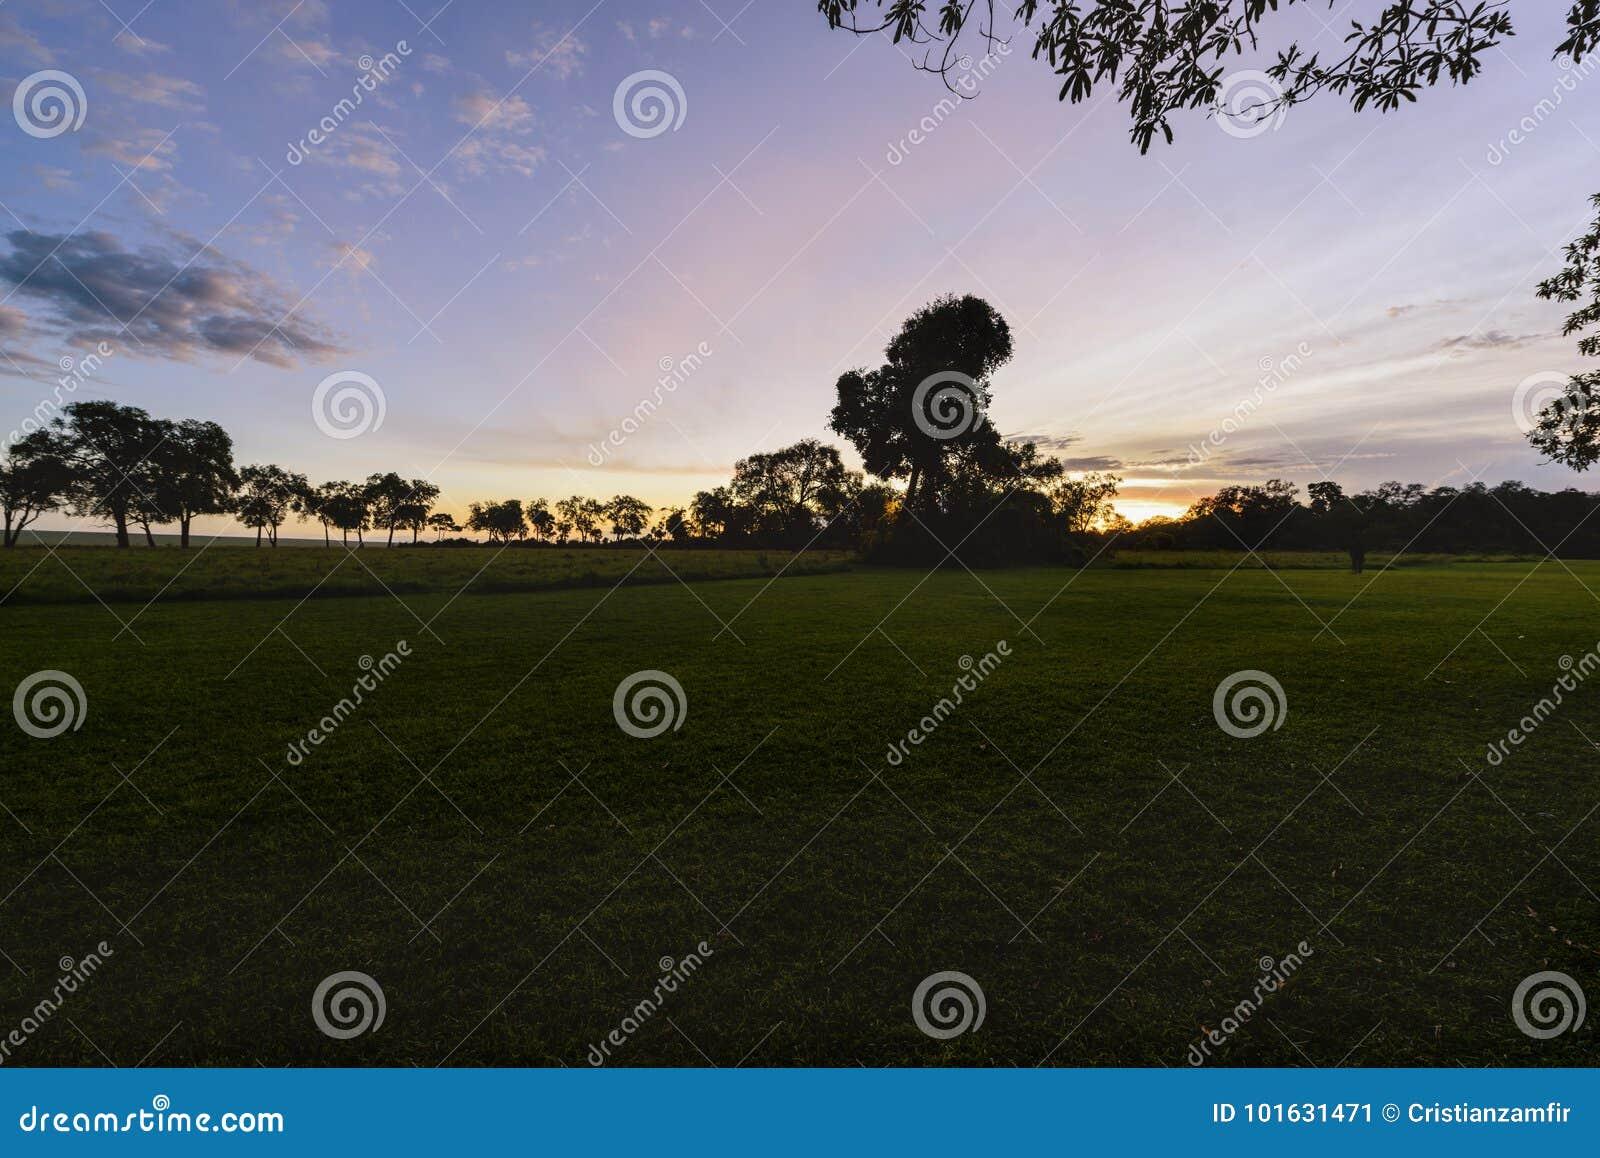 Шикарный восход солнца в Африке, сафари